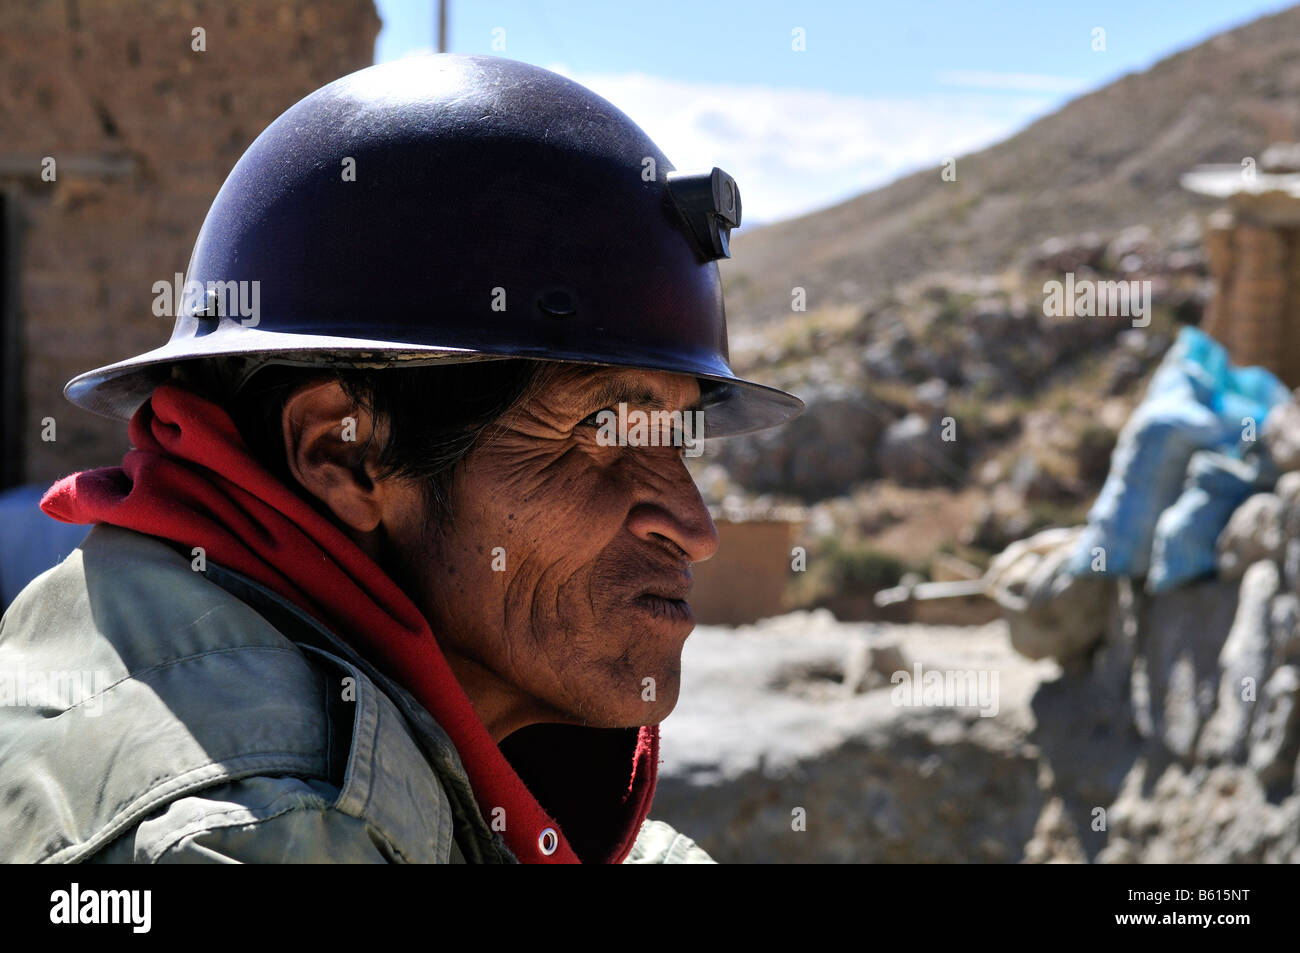 Portrait of a miner, Llallagua mining centre, Potosi, Bolivia, South America - Stock Image